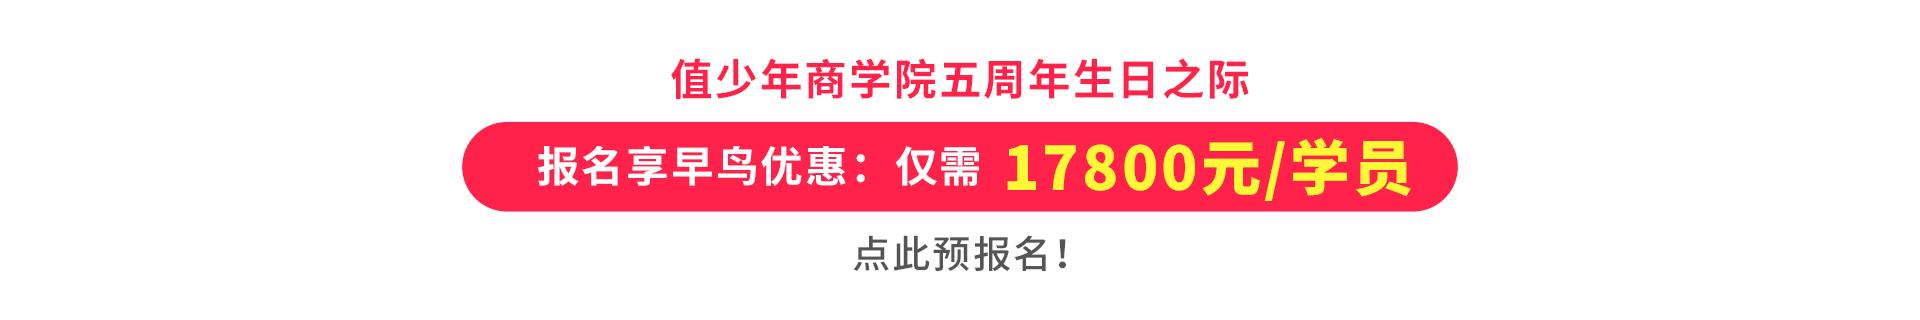 """一群大陆孩子被台湾顶尖导师怒赞:""""小确幸""""与""""大创新"""""""